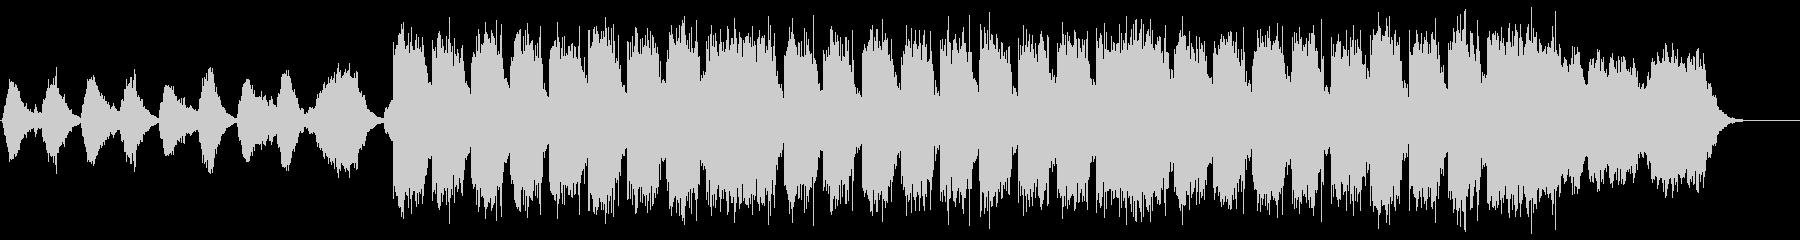 ネイチャー系BGMの未再生の波形